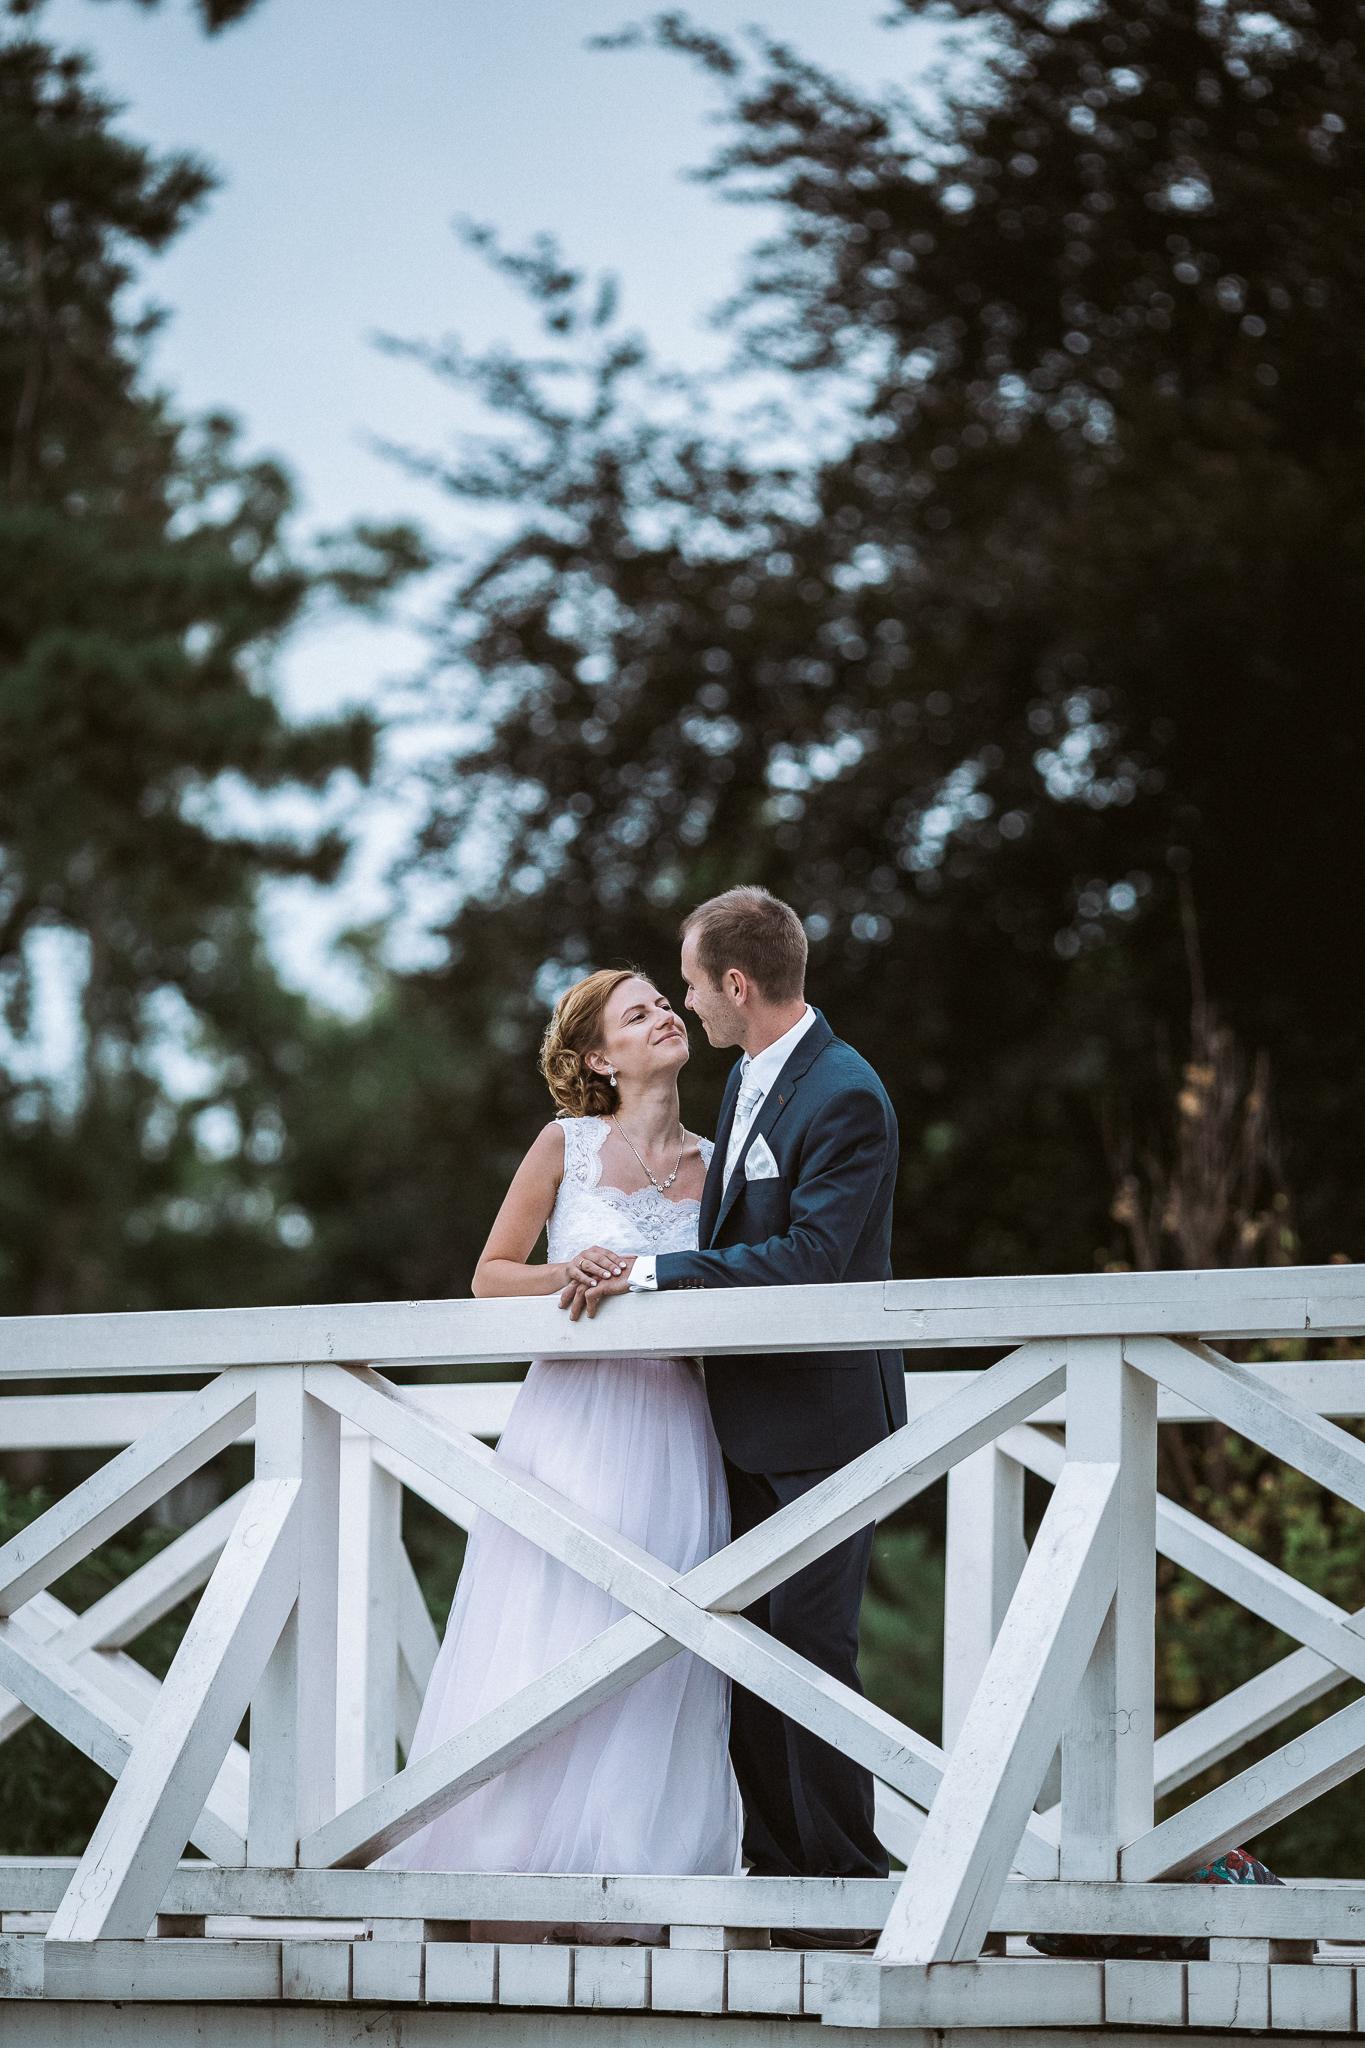 FylepPhoto, esküvőfotós, esküvői fotós Körmend, Szombathely, esküvőfotózás, magyarország, vas megye, prémium, jegyesfotózás, Fülöp Péter, körmend, kreatív, fotográfus_41-2.jpg